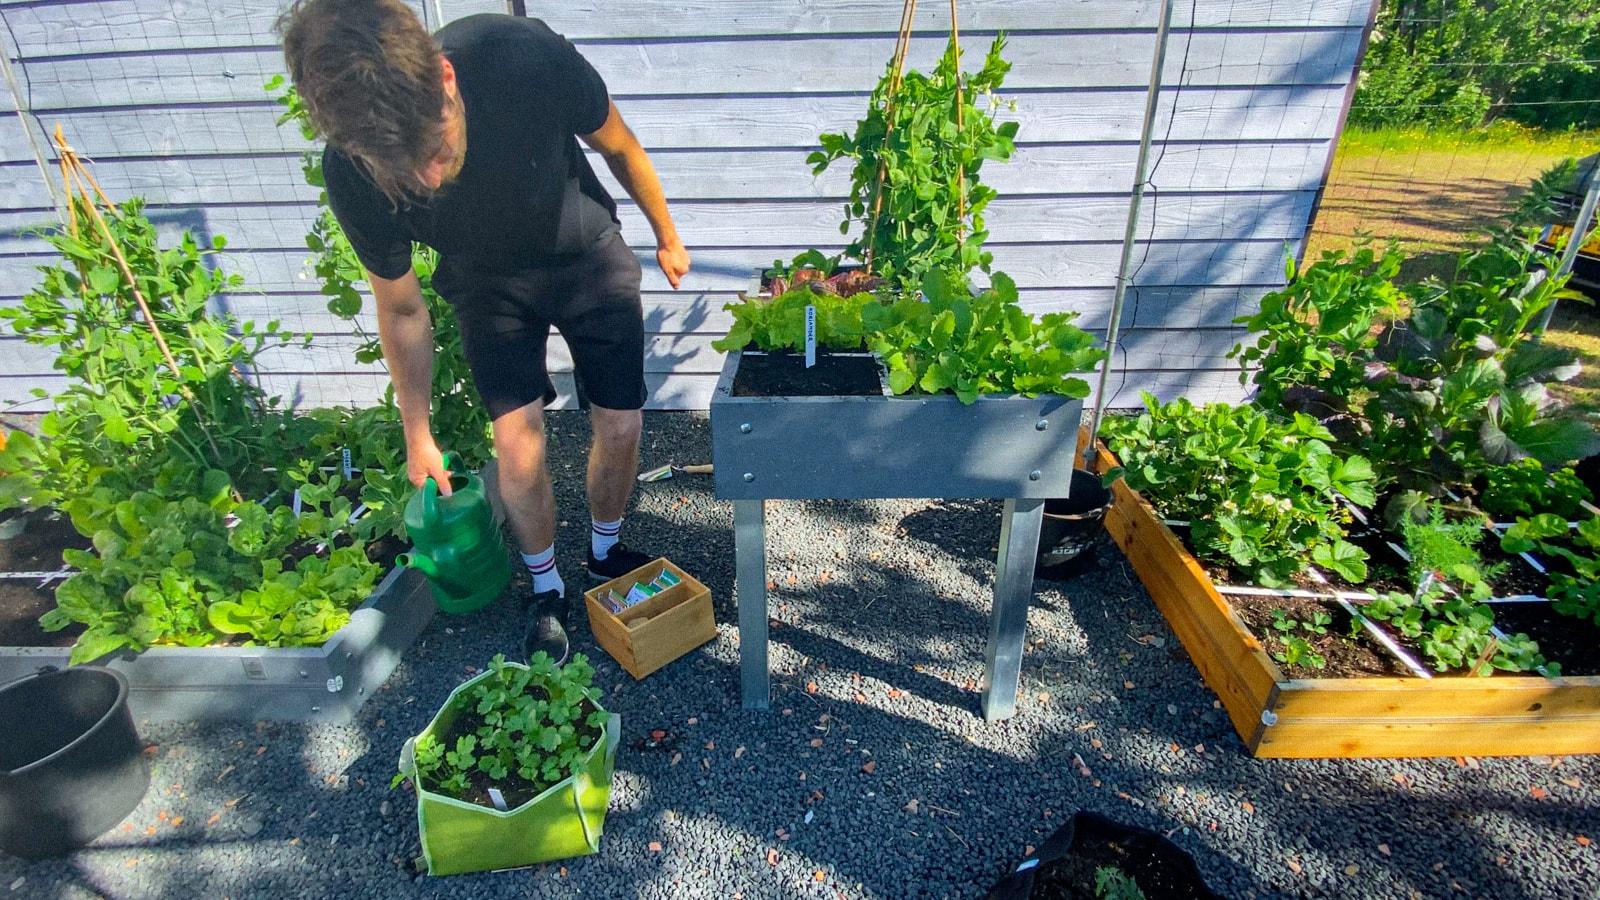 July-in-the-Planty-Garden4.jpg